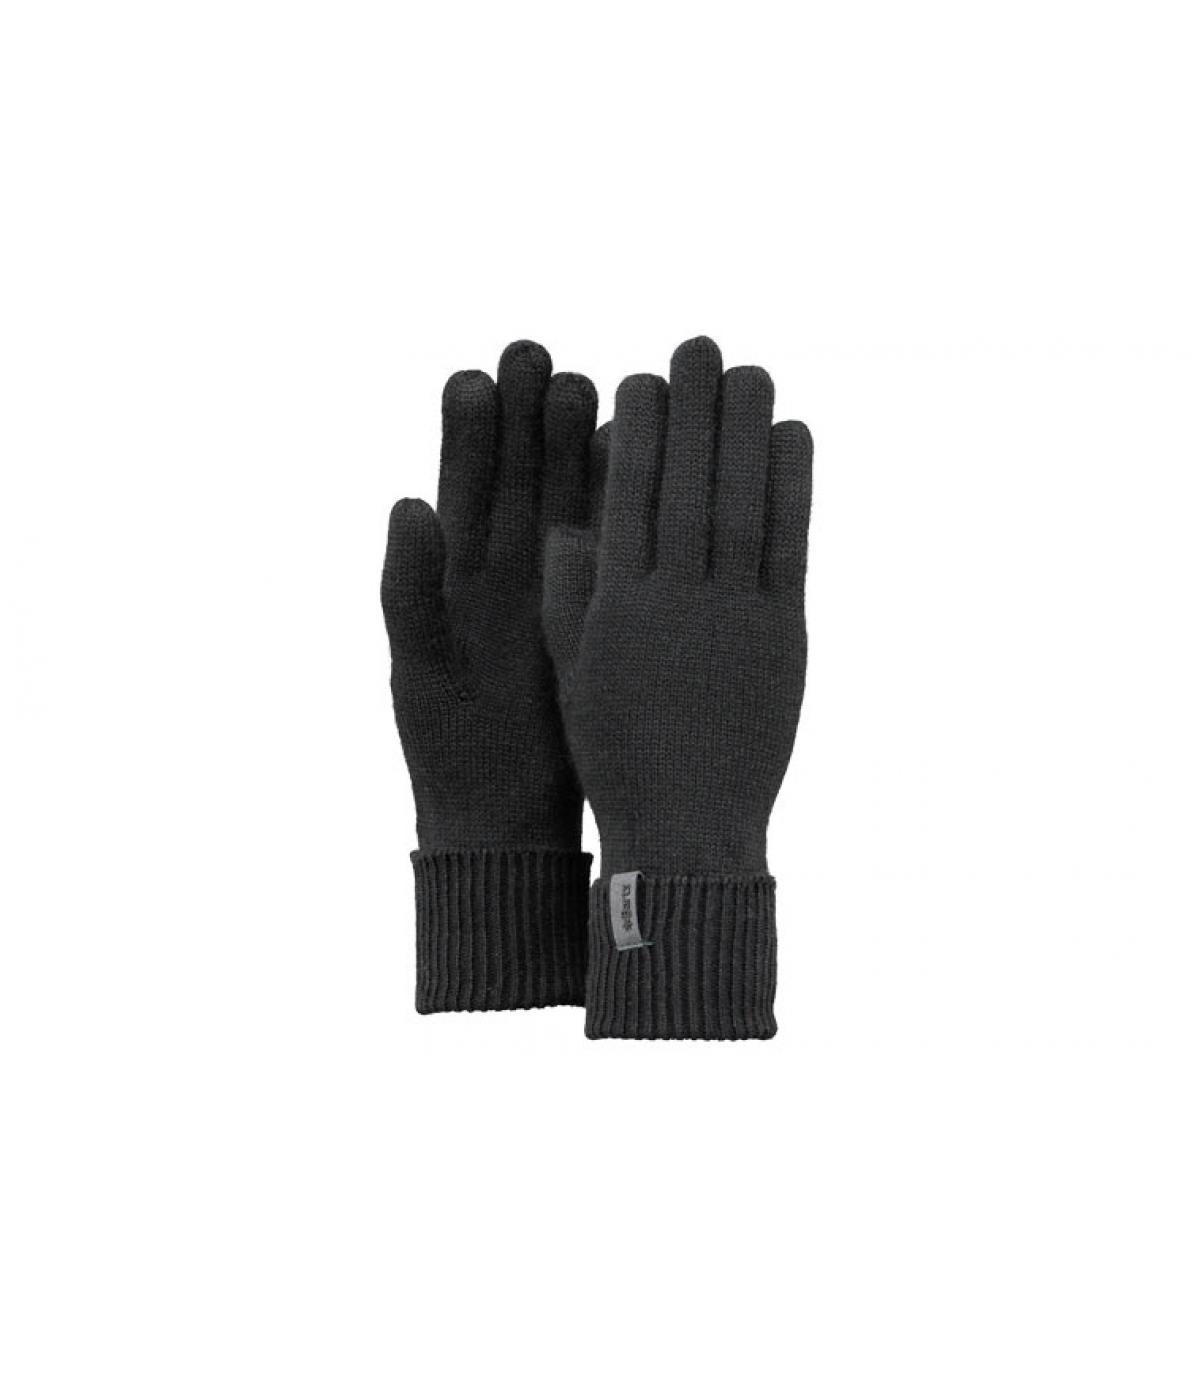 Details Fijn gebreide handschoenen zwart - afbeeling 3